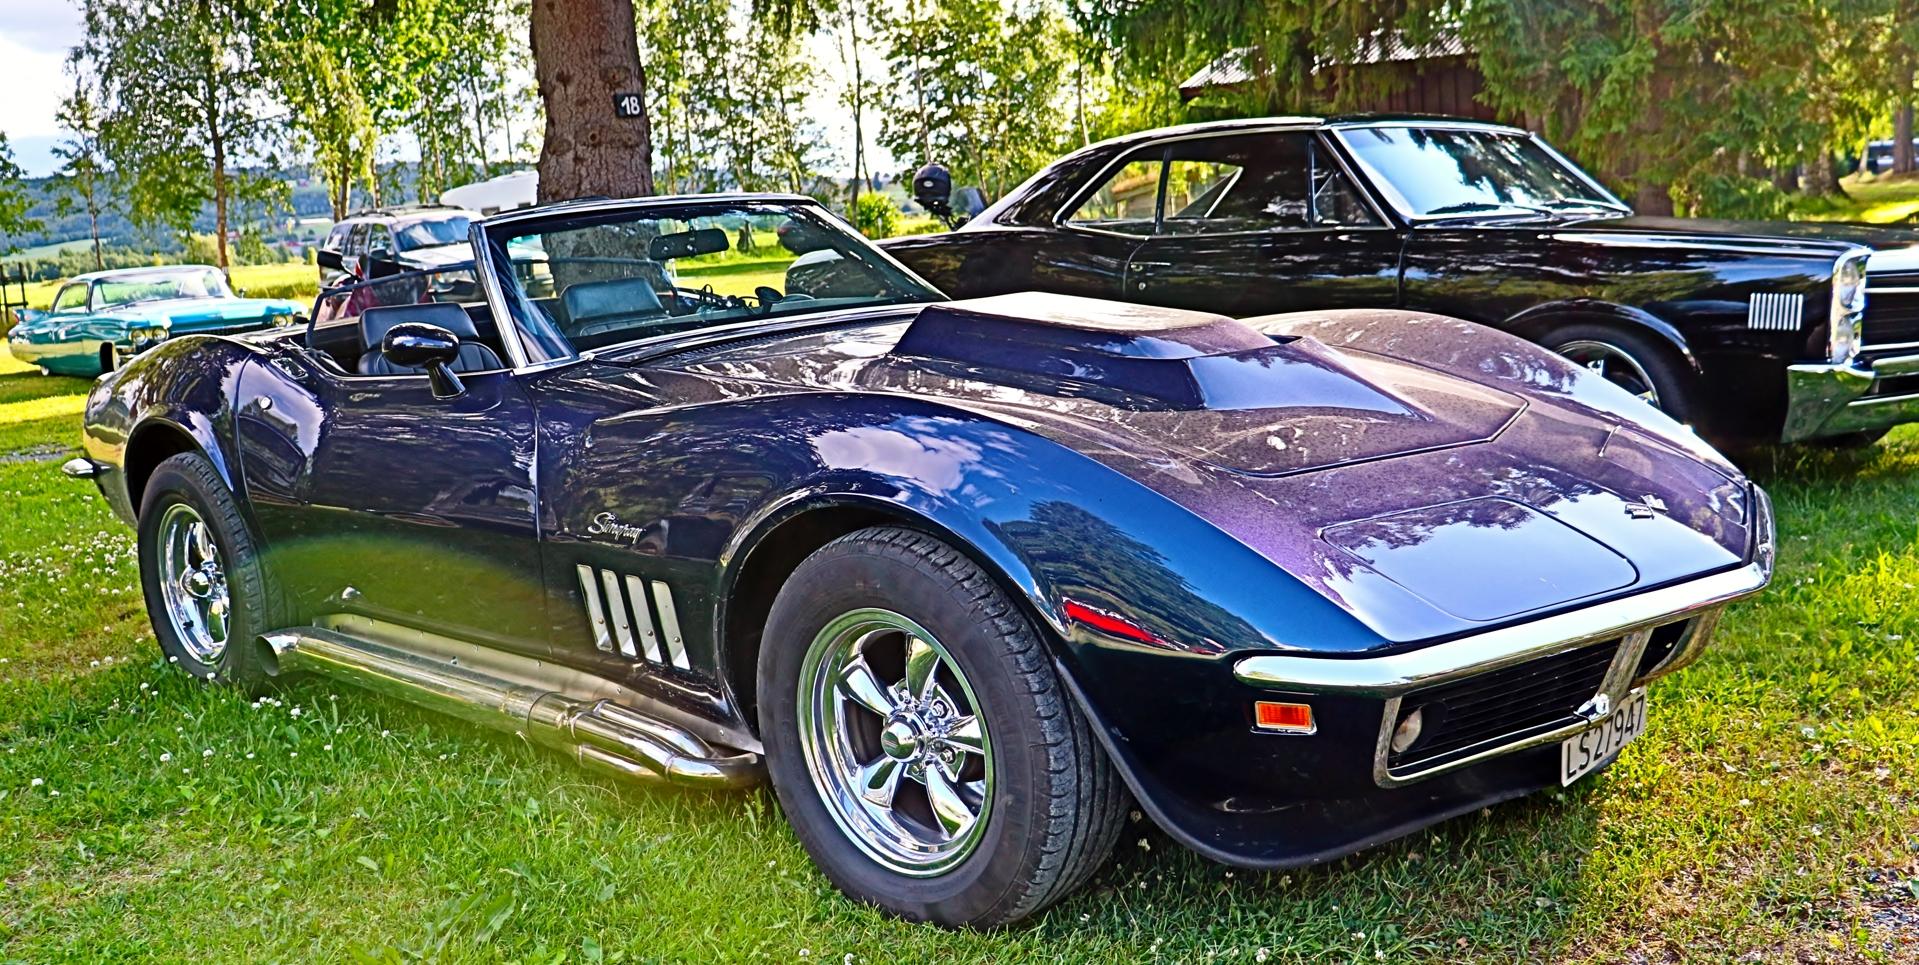 Chevrolet Corvette.JPG